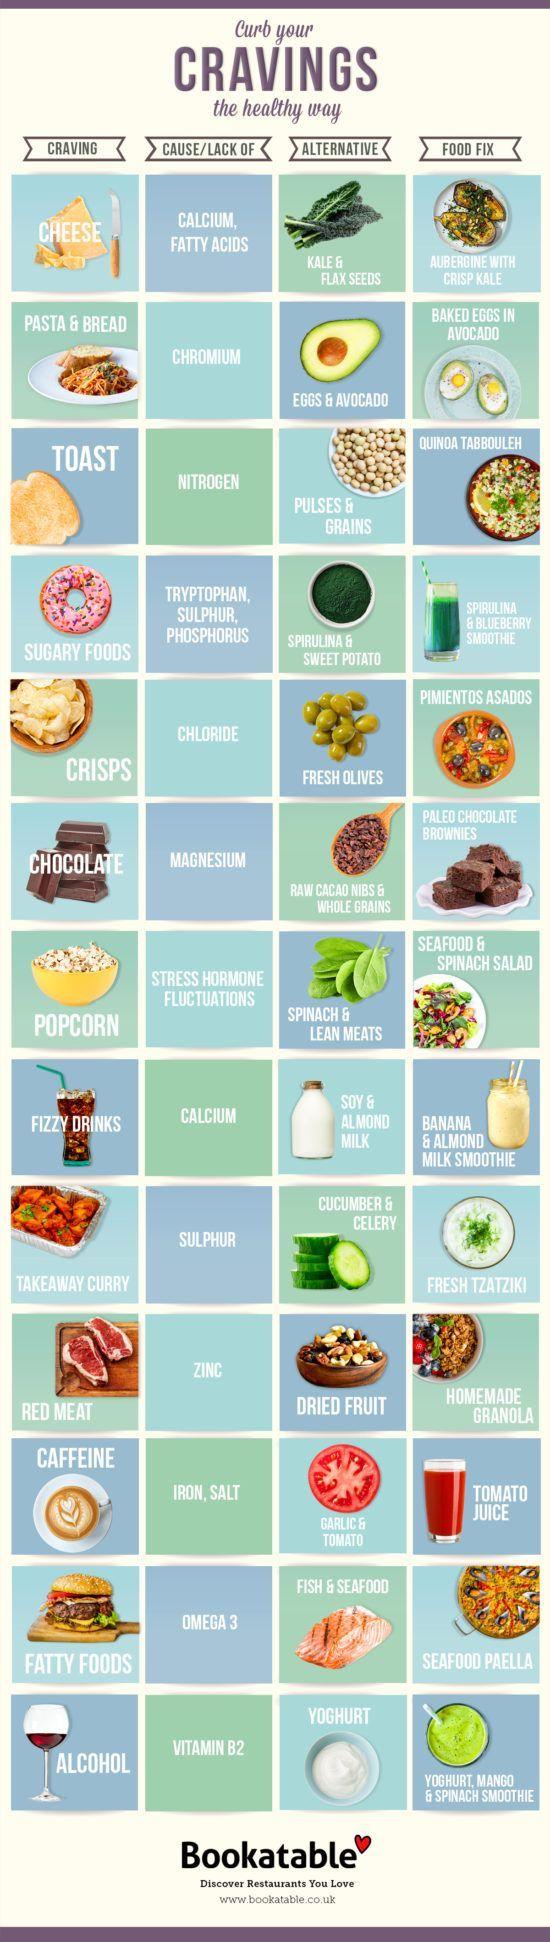 Wie man Gewicht verliert, ohne wirklich zu versuchen | Die WHOot www.4myprosperi …